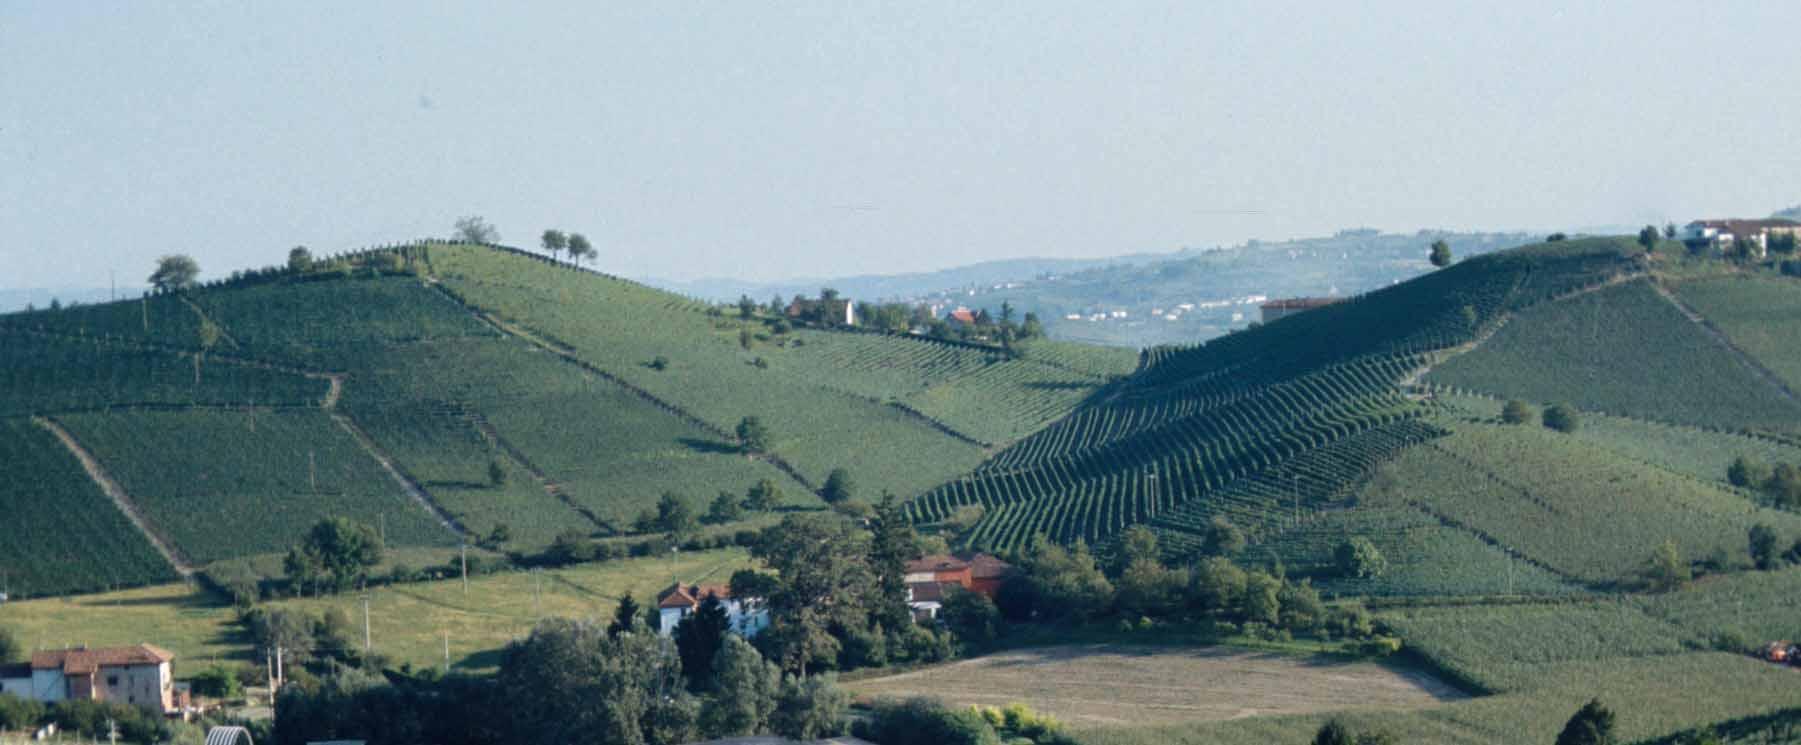 Il clima del piemonte centro meteo italiano for Planimetrie del paese di collina